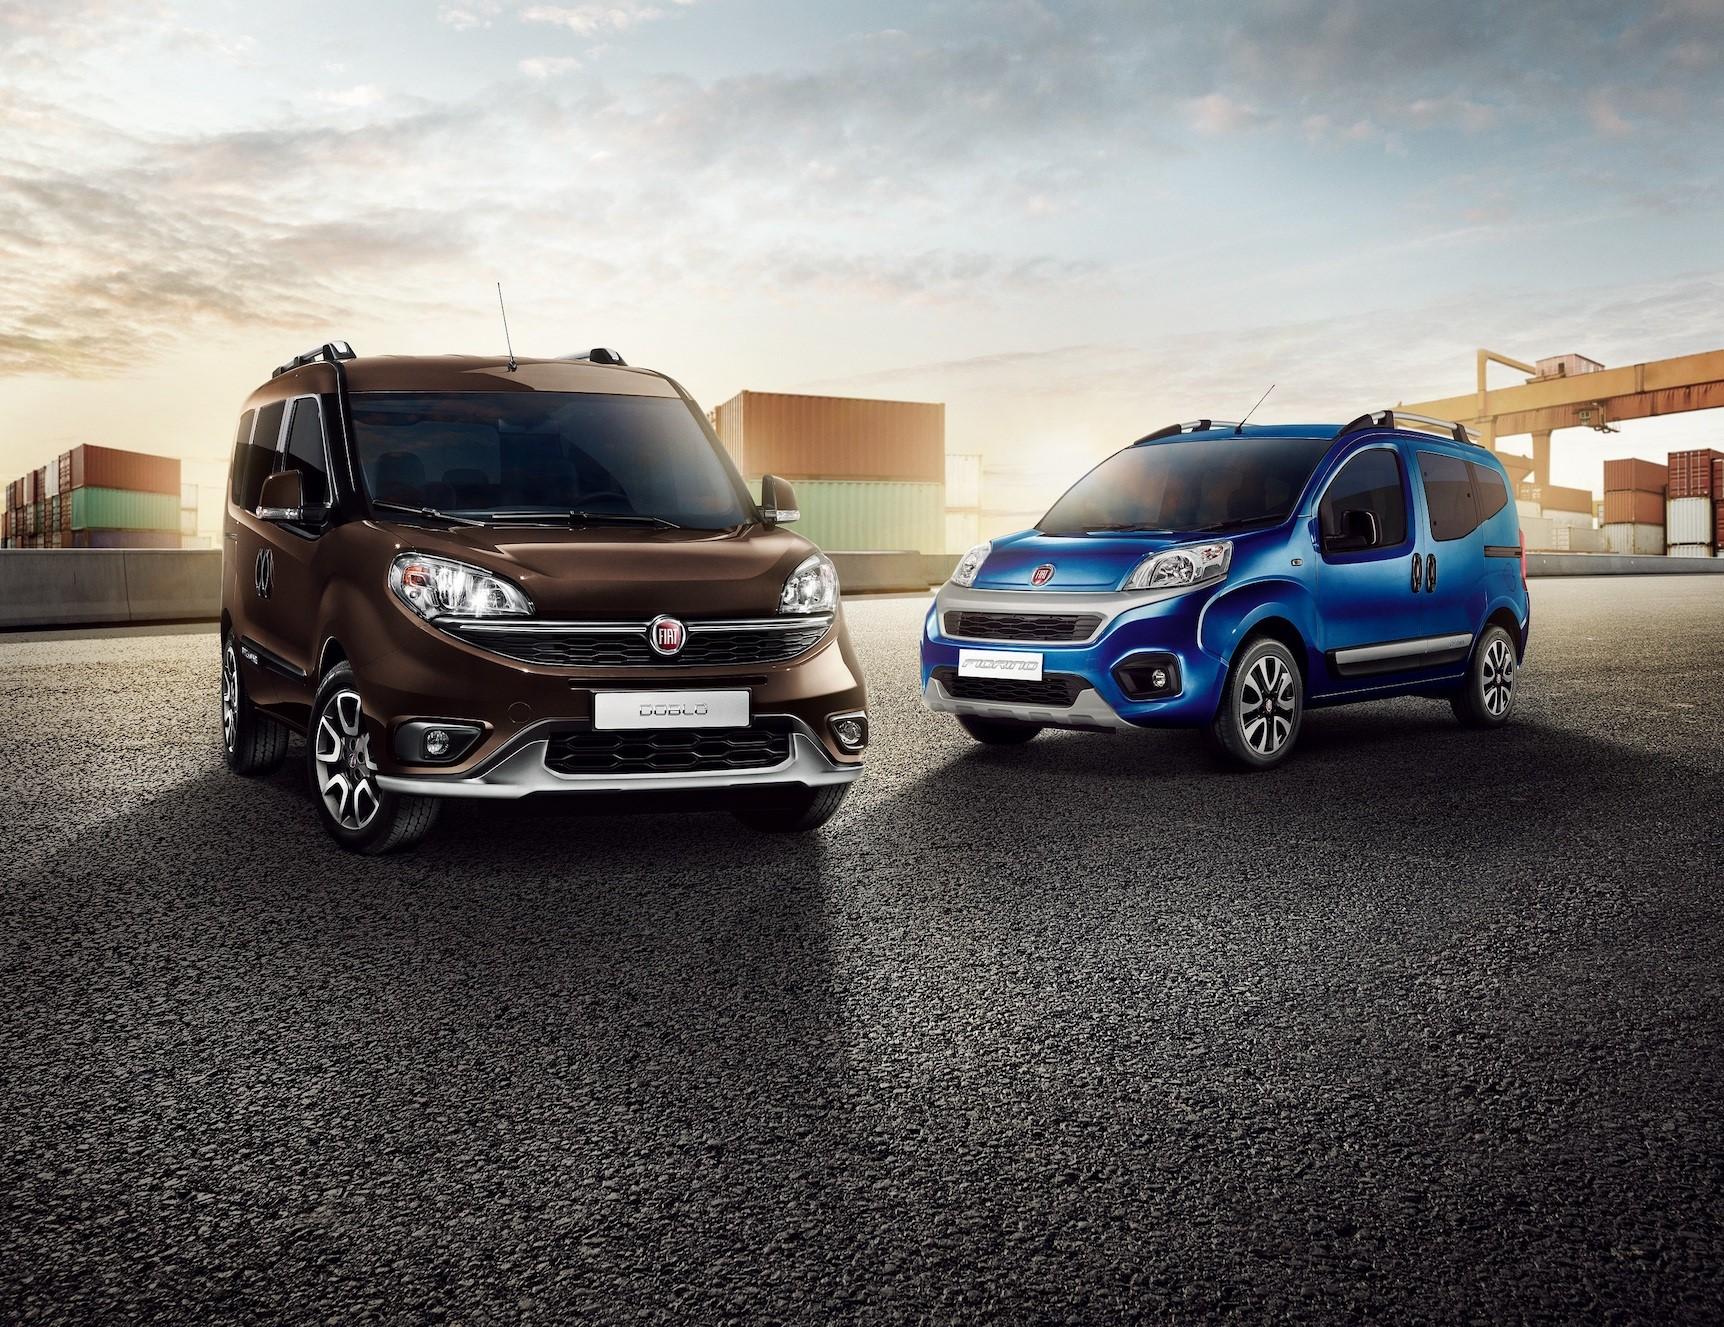 Fiat Professional Roadshow'a Özel Fırsatlar Sunuyor!